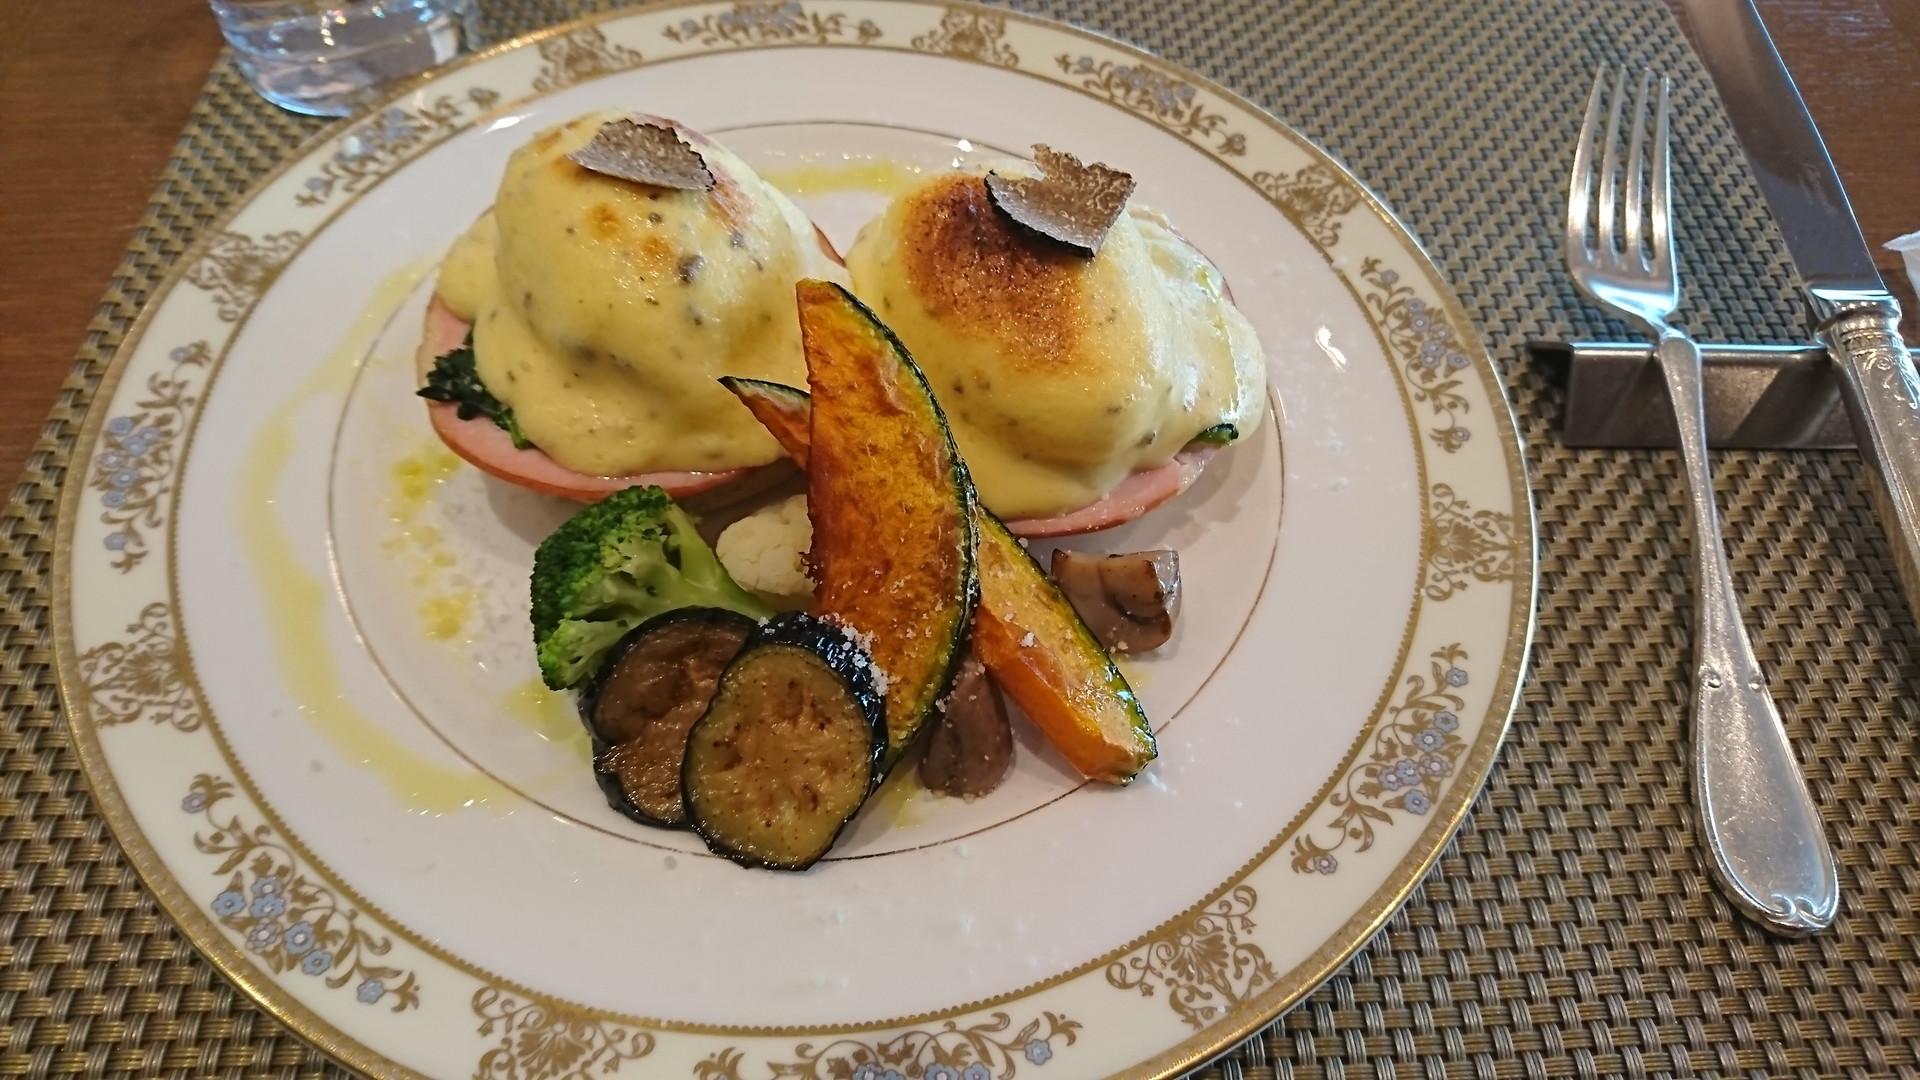 ヨコハマグランドインターコンチネンタルホテル、朝食、エッグベネディクト